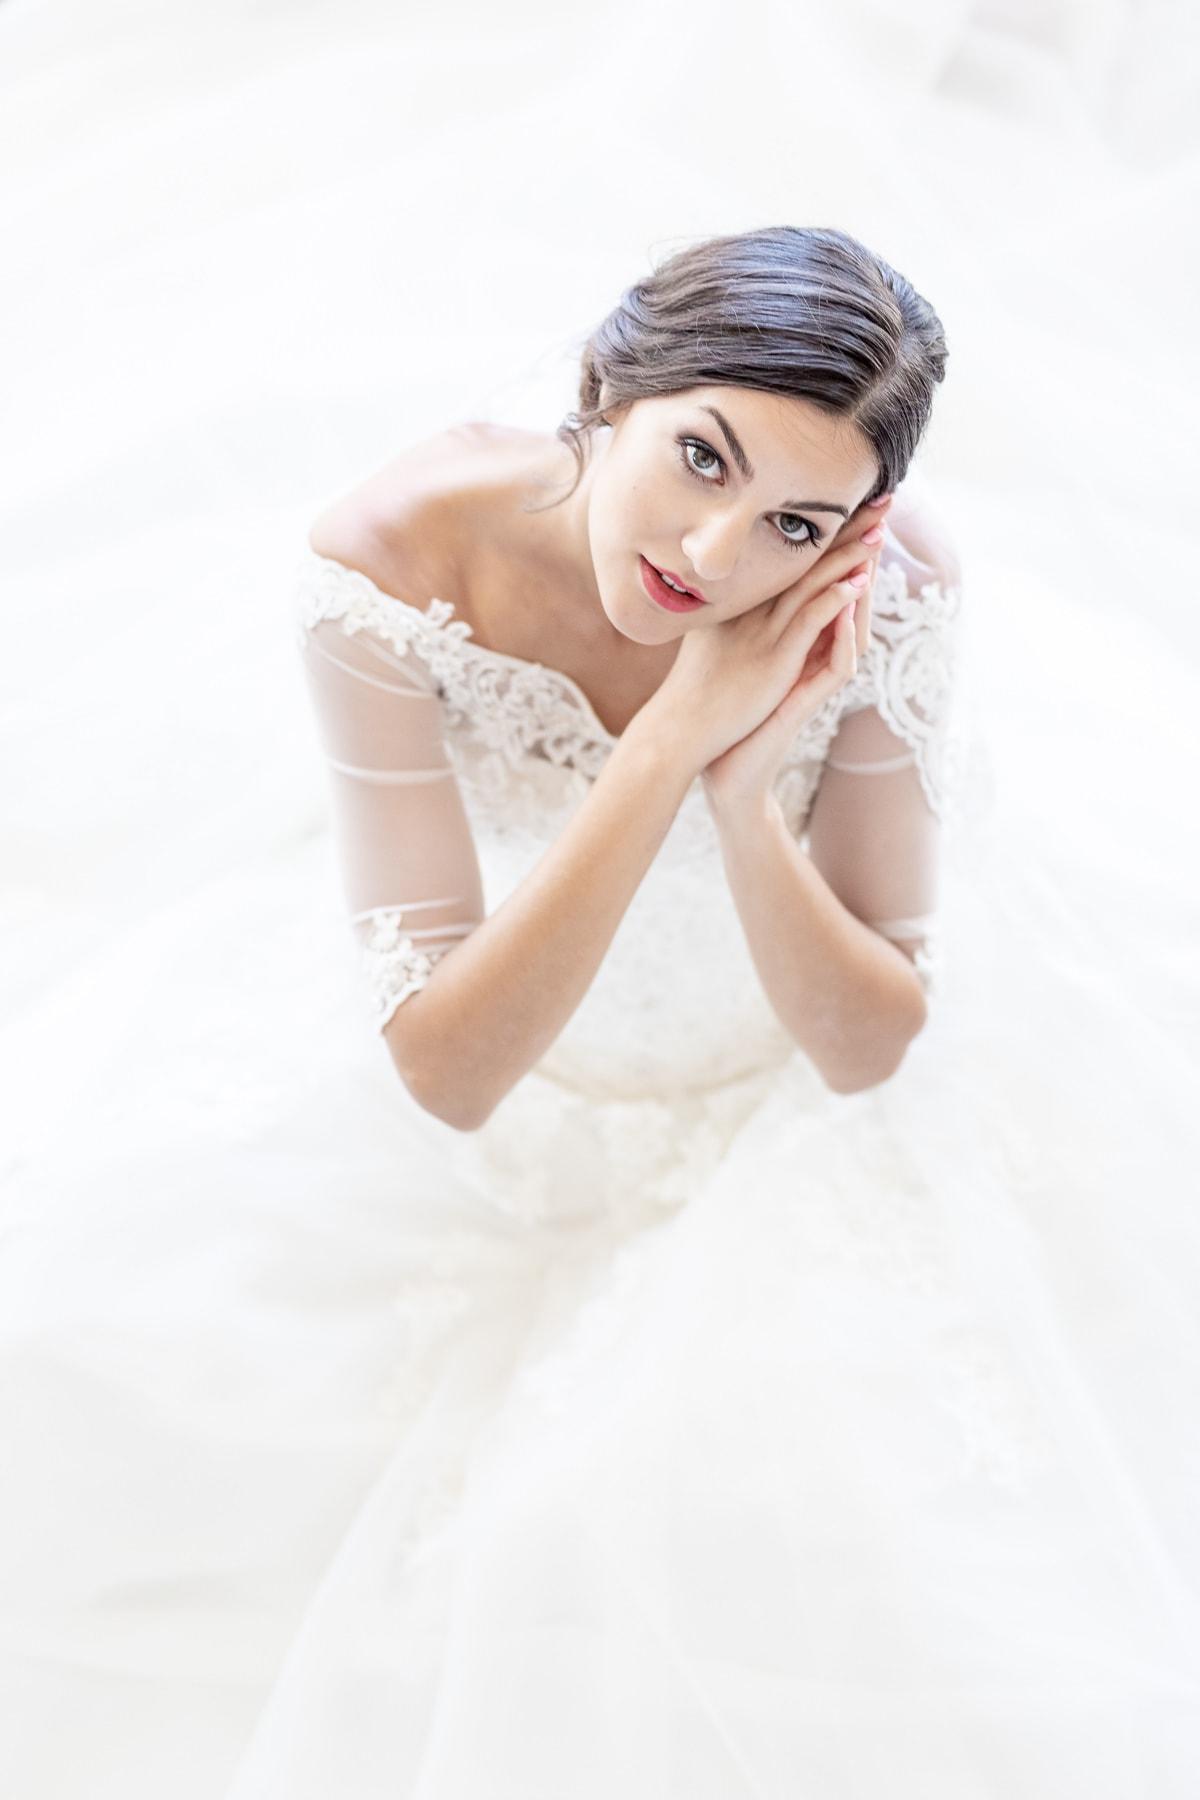 Hochzeitsfotograf, Burgenland, Kärnten, Burg Forchtenstein, Esterhazy, Rosalia, Klagenfurt, Braut, Brautkleid,